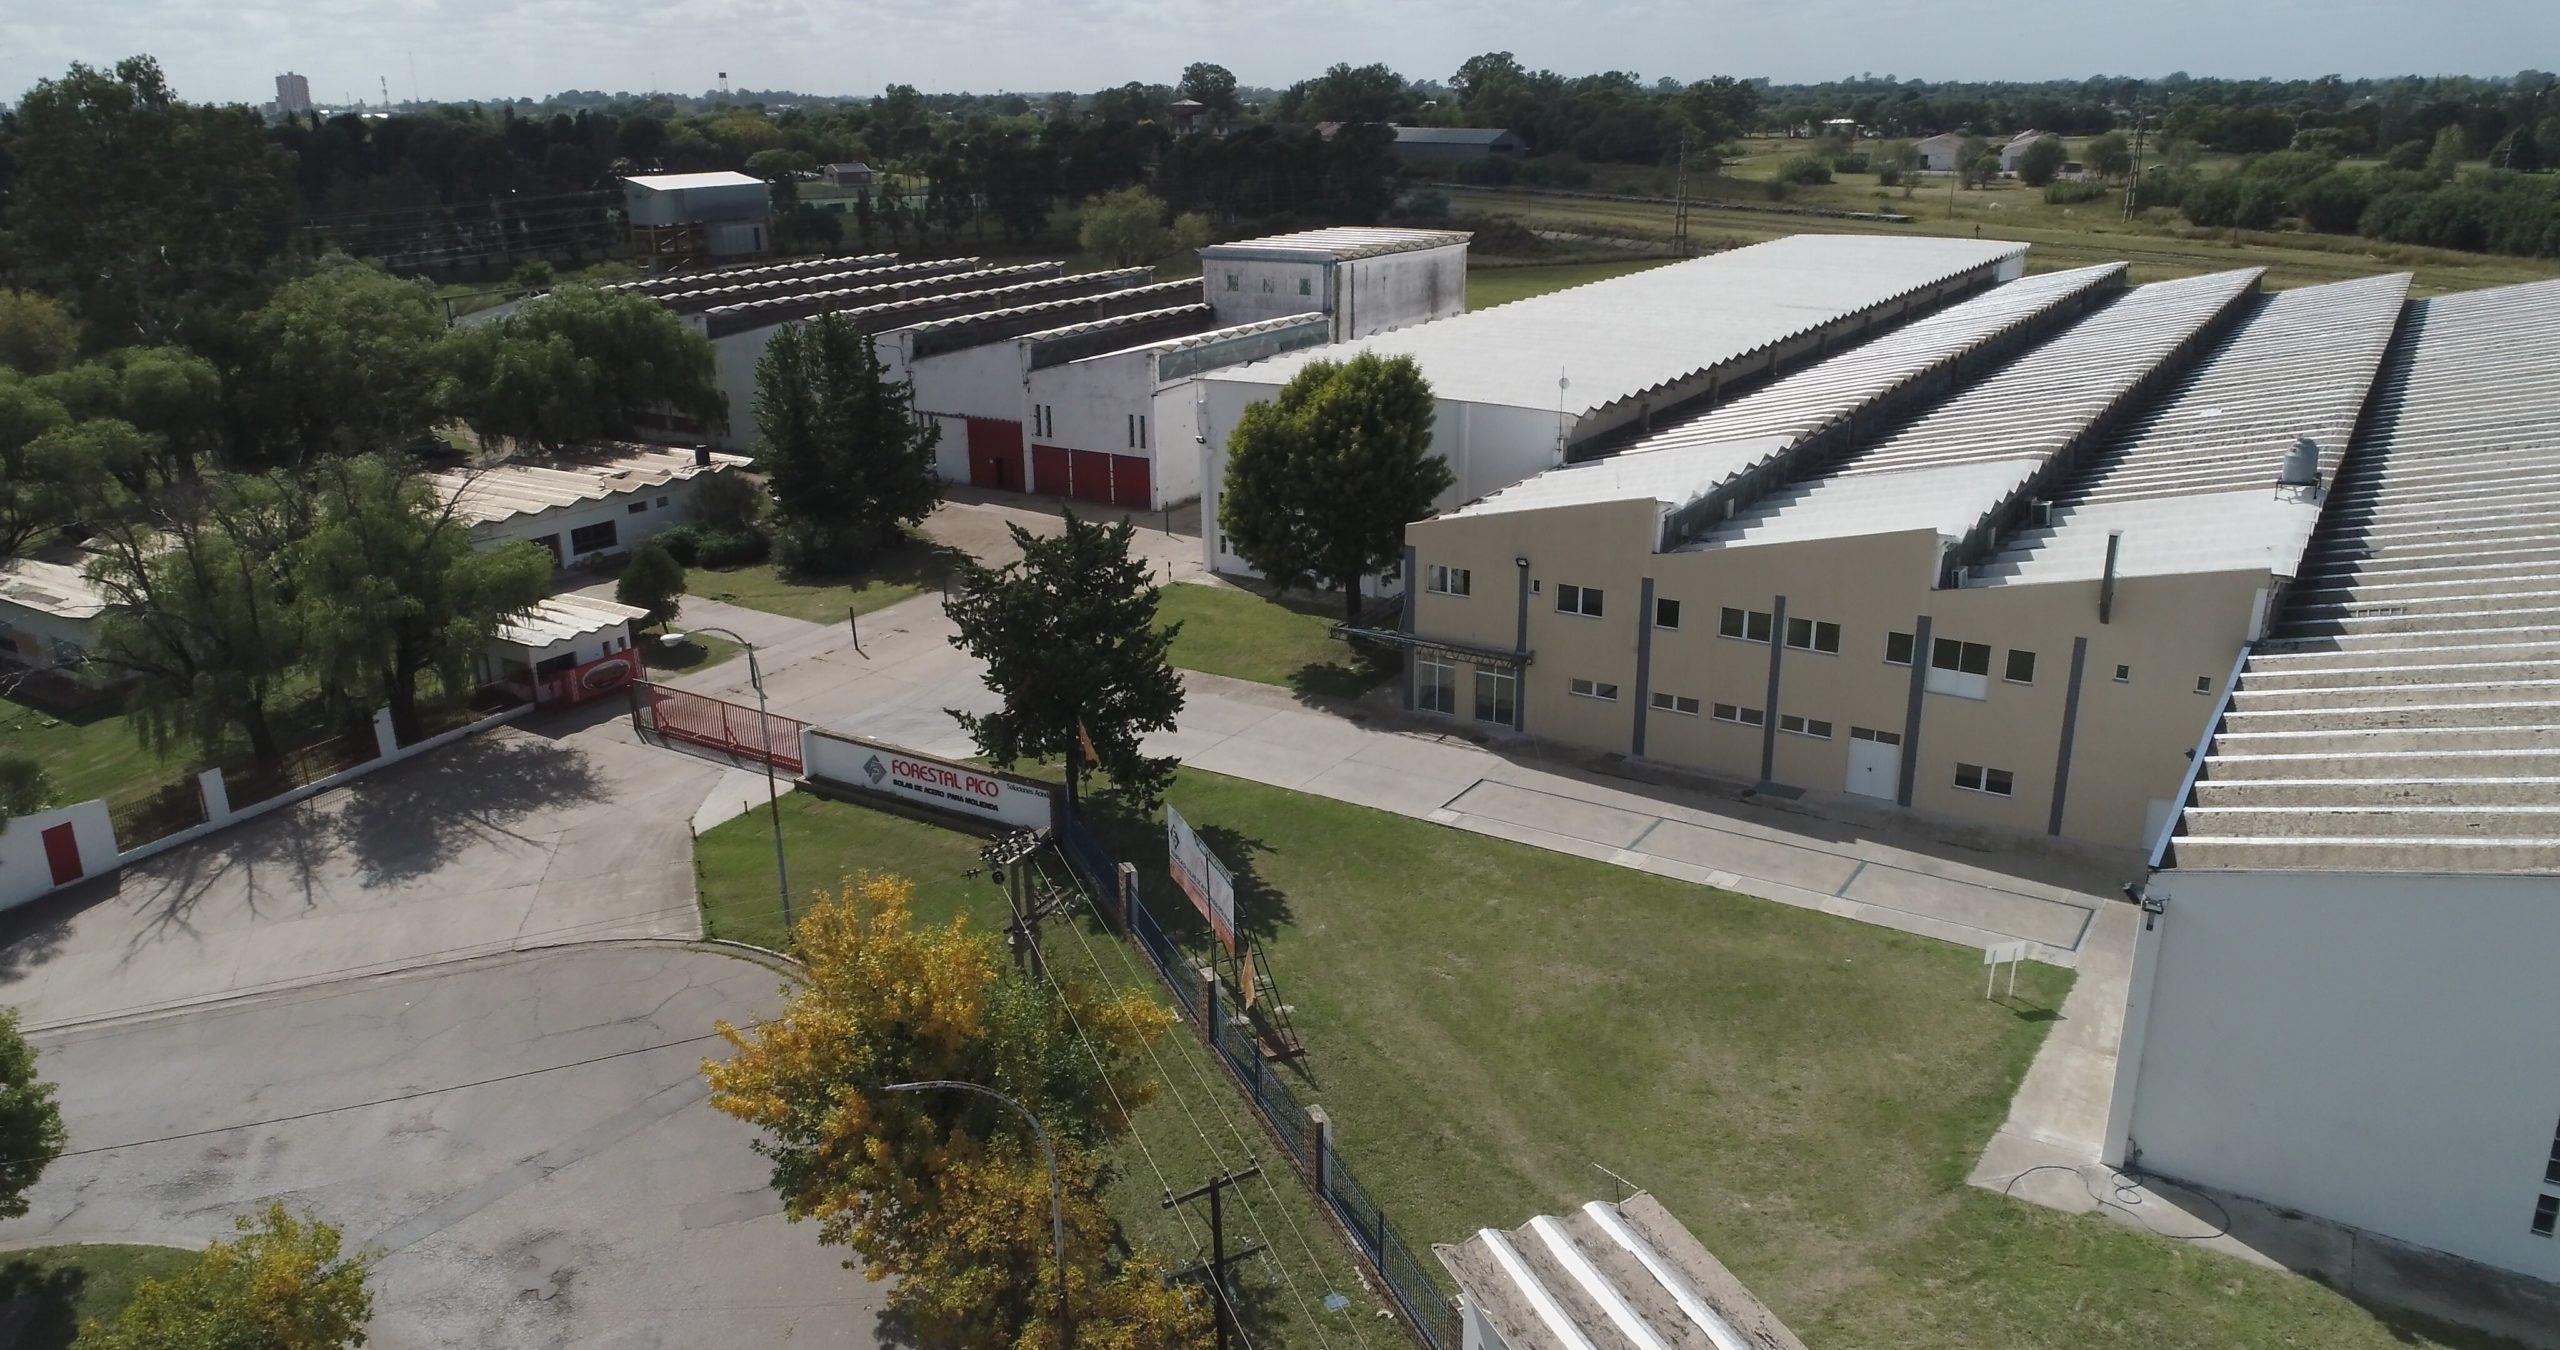 Radicación de nuevas empresas en el Parque Industrial: La intendenta aseguró durante la elección de las mismas primo la posibilidad de generar nuevos puestos de trabajo